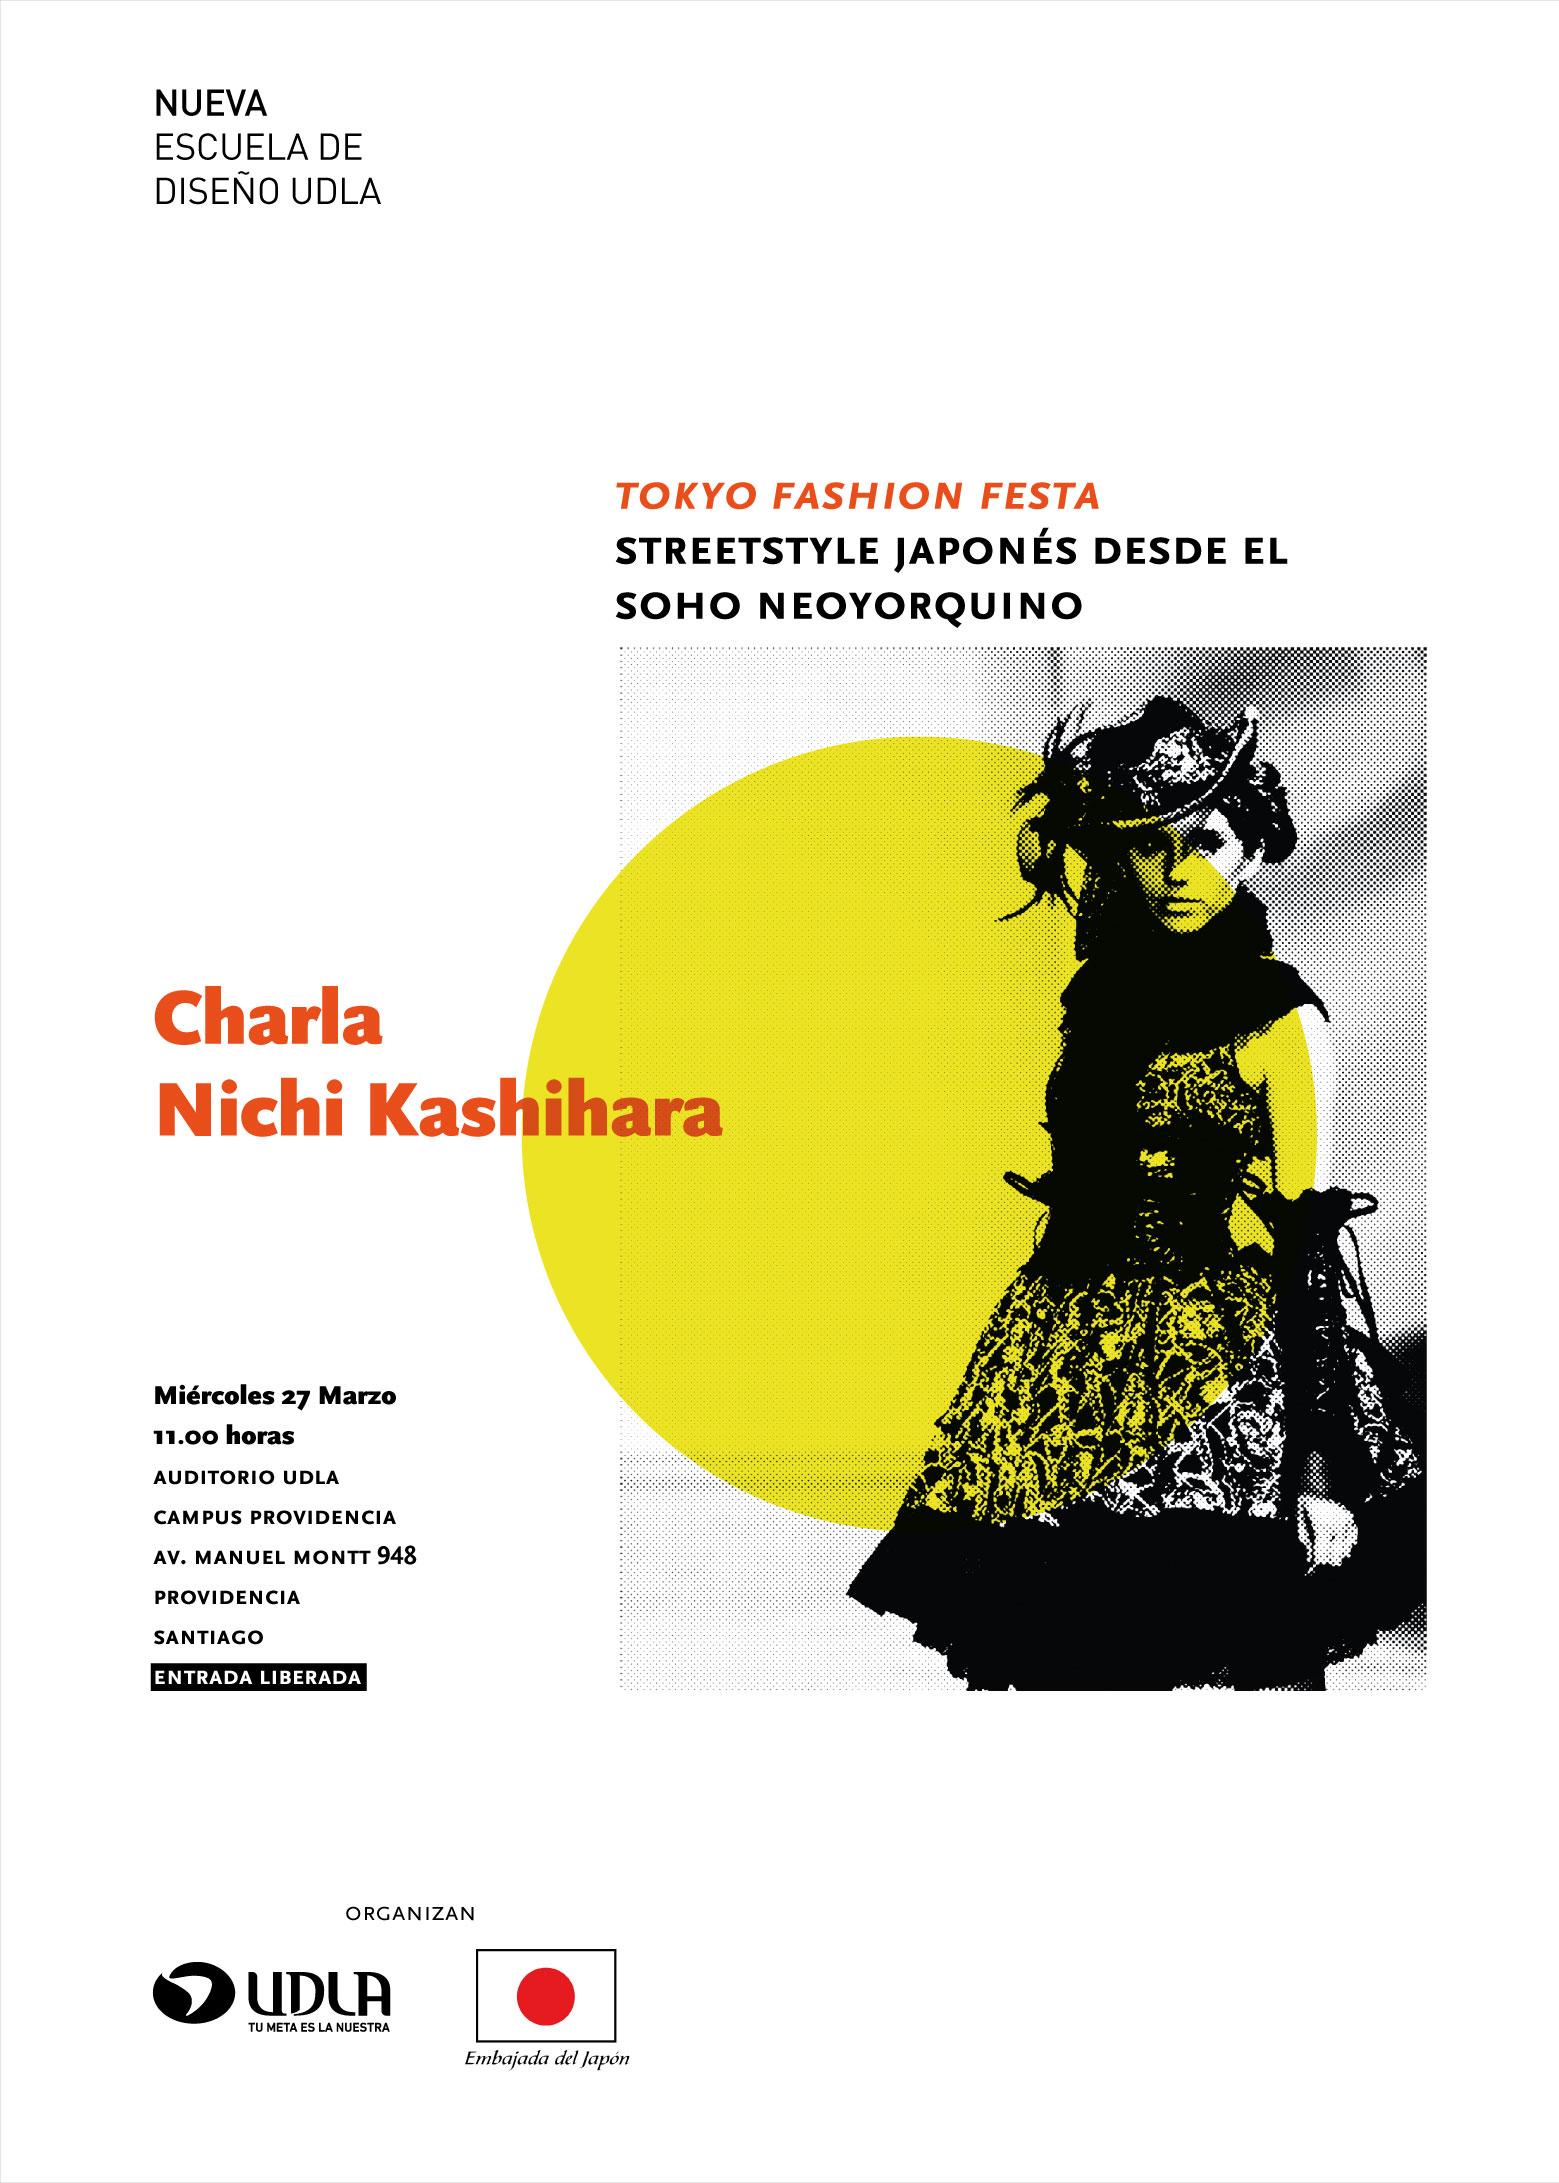 La visita de Nichi Kashihara a Chile: Moda y tendencias japonesas